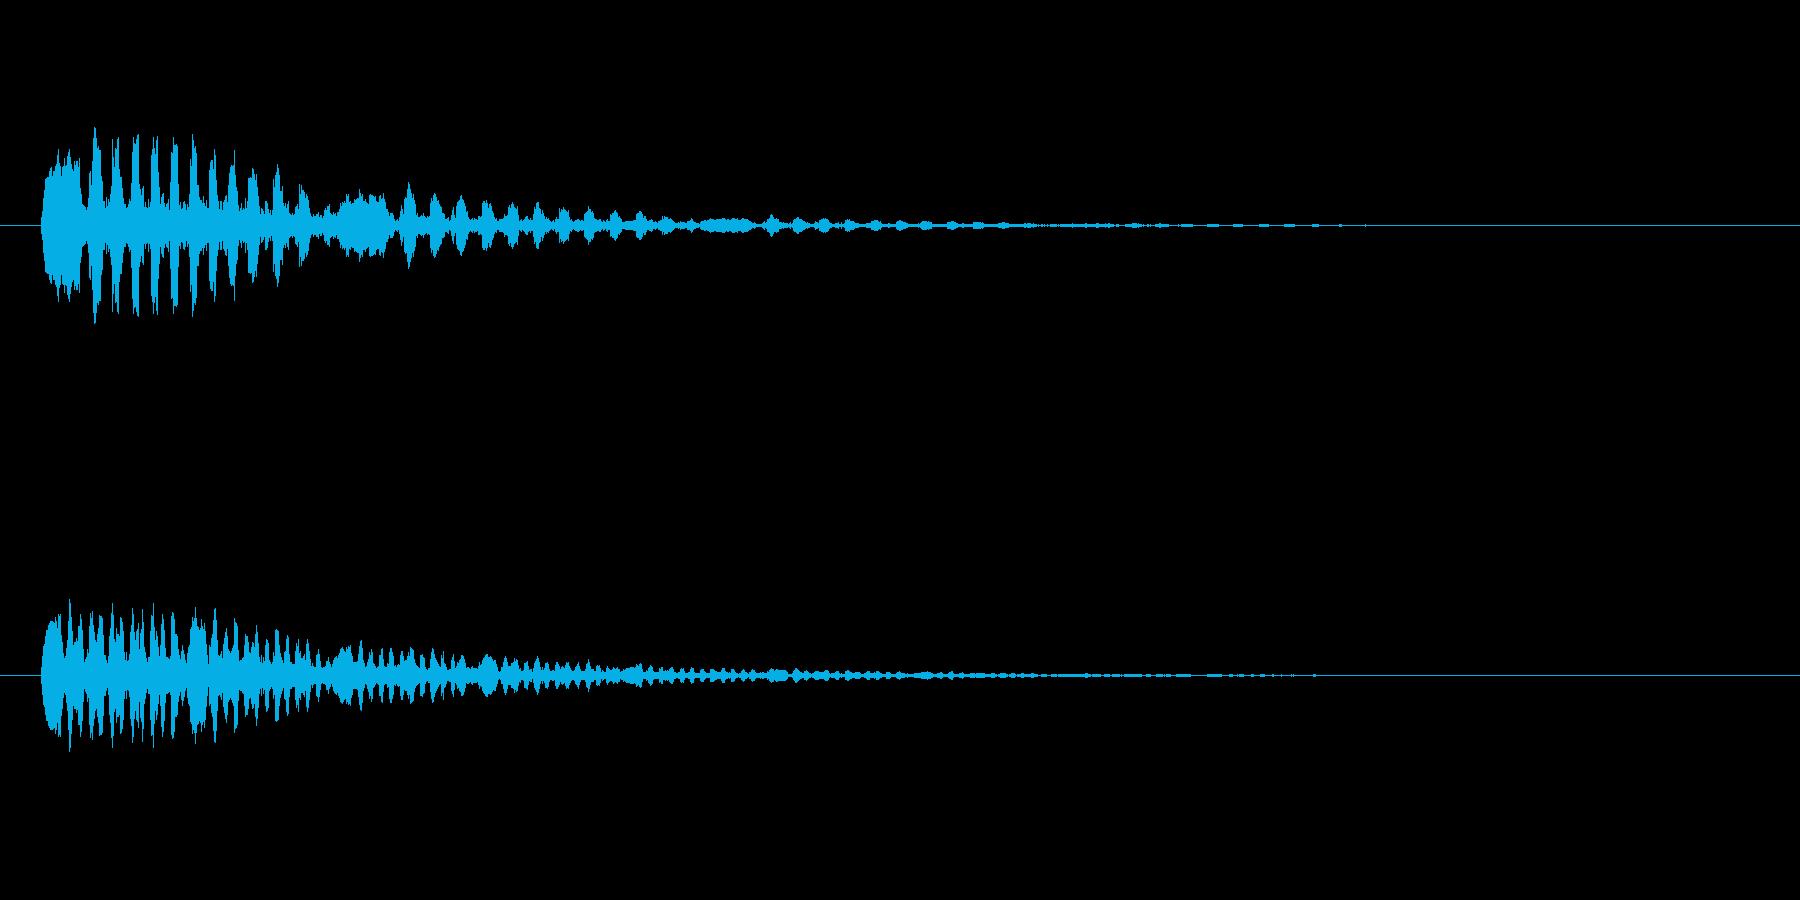 鳥のつぶやき、鳴き声などの音 SE2の再生済みの波形